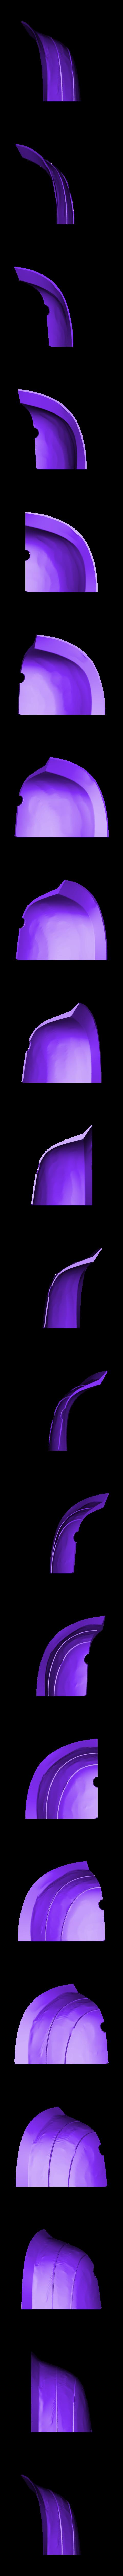 Part_5.stl Télécharger fichier STL gratuit Pour Honor Lawbringer Helm - Chevalier • Objet à imprimer en 3D, VillainousPropShop